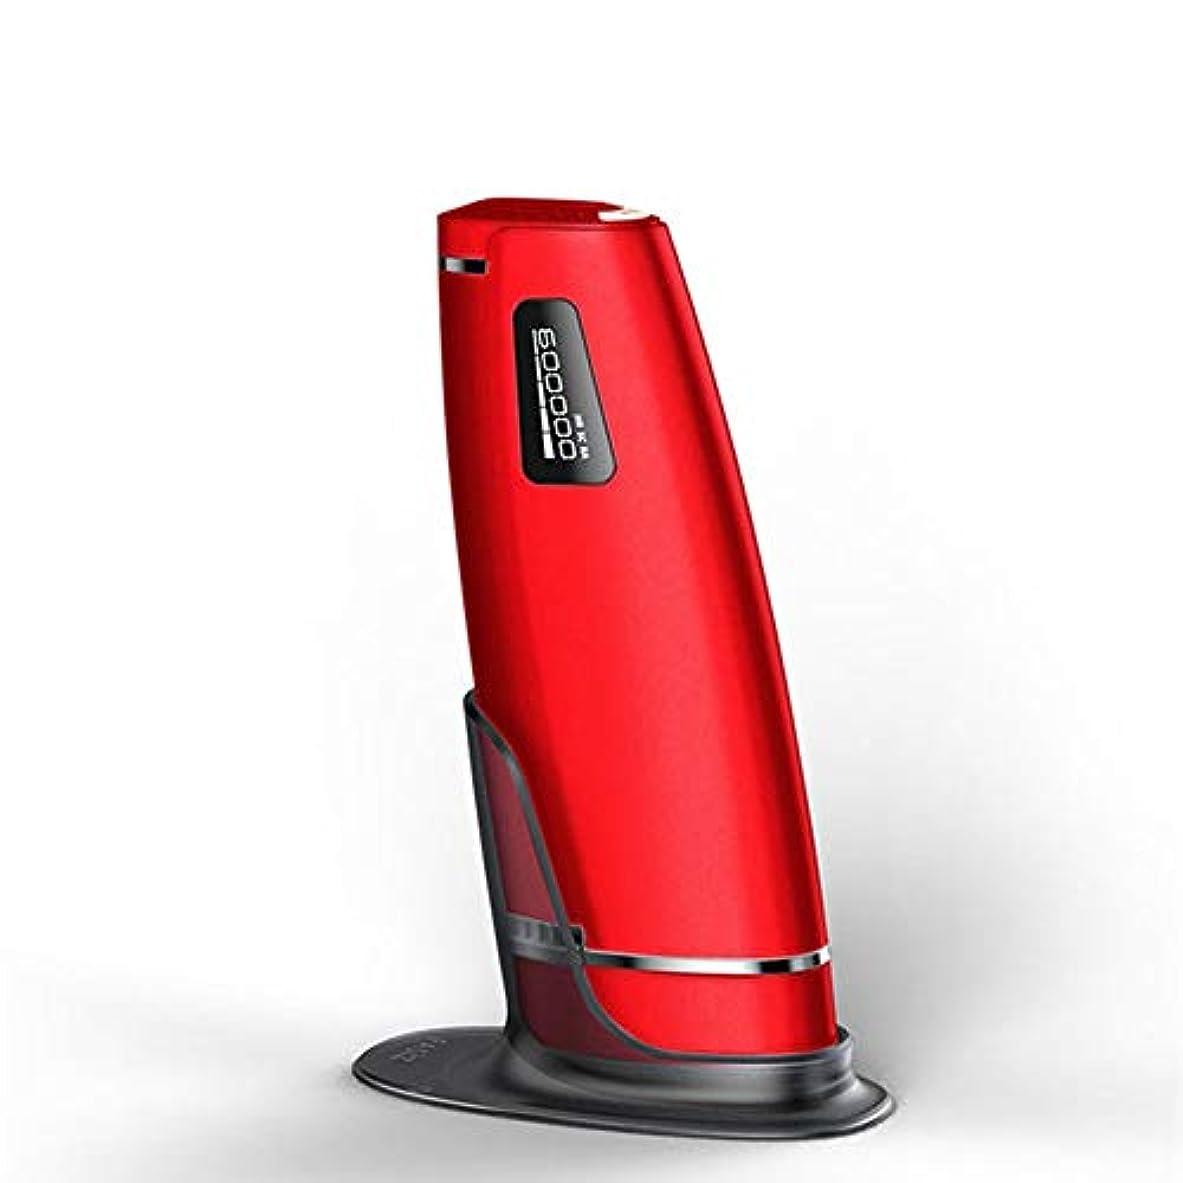 請願者うがい薬真珠のような赤、デュアルモード、ホームオートマチック無痛脱毛剤、携帯用永久脱毛剤、5スピード調整、サイズ20.5 X 4.5 X 7 Cm 髪以外はきれい (Color : Red)